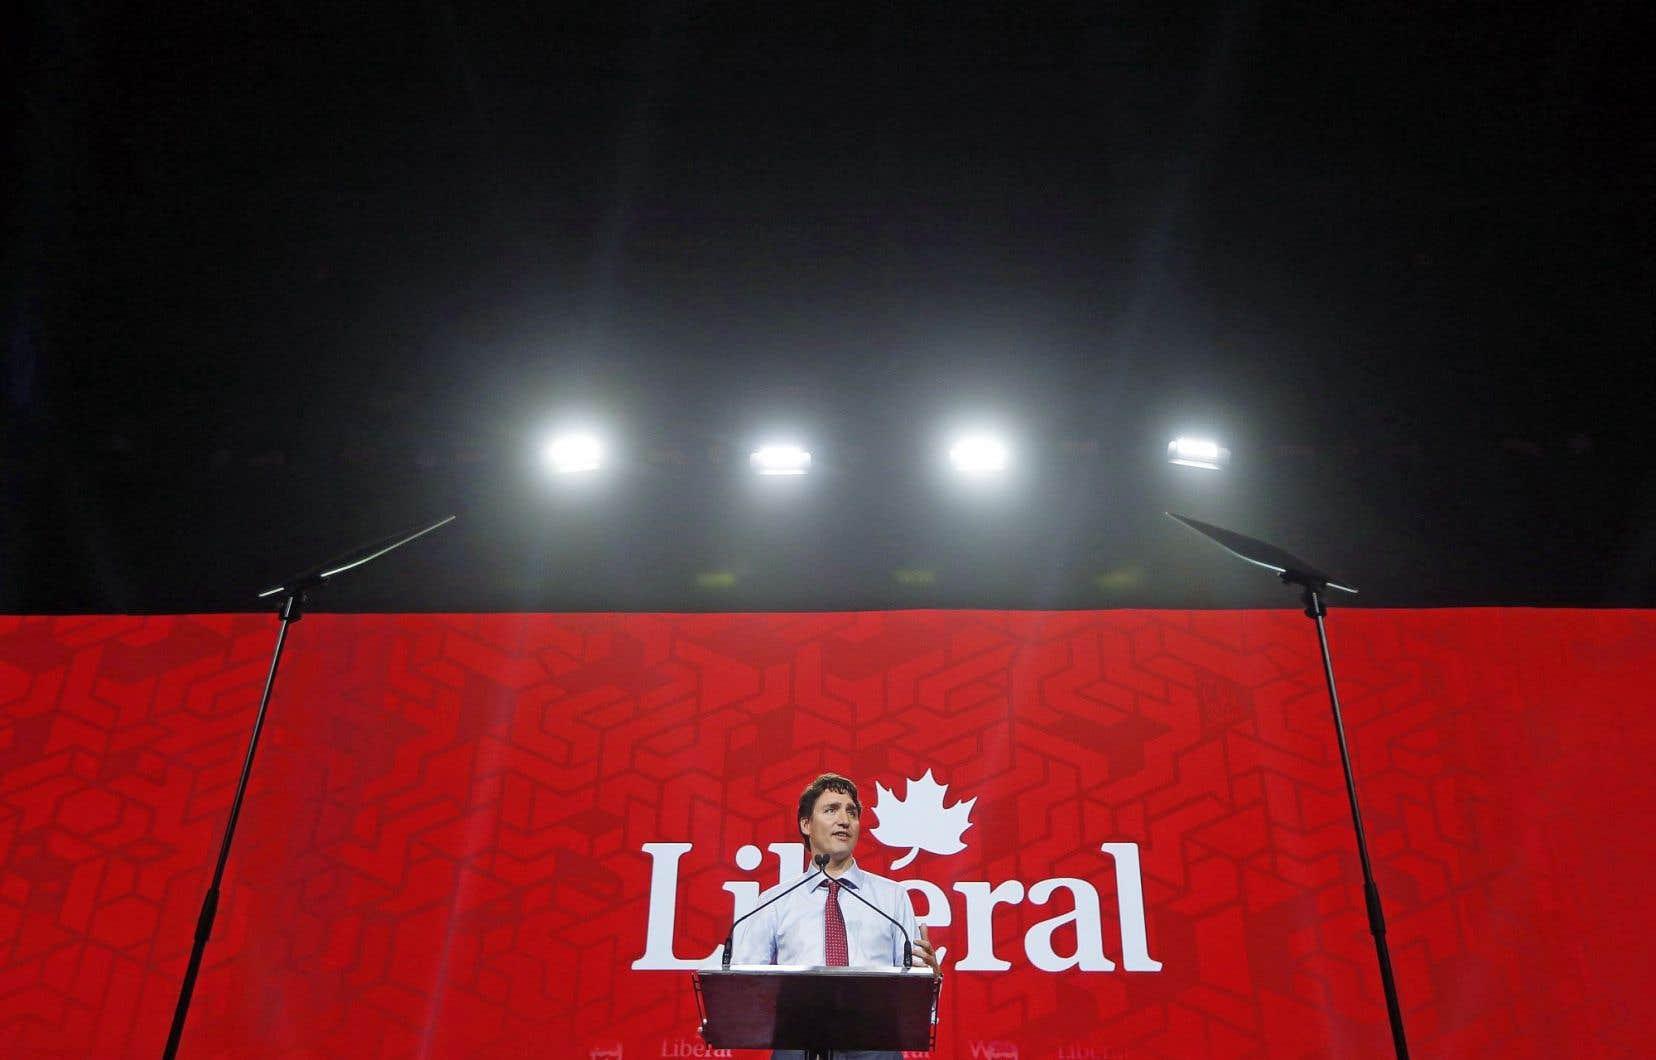 Le Canada a perdu des points sur le critère de l'efficacité gouvernementale dans la foulée de l'élection des libéraux de Justin Trudeau.